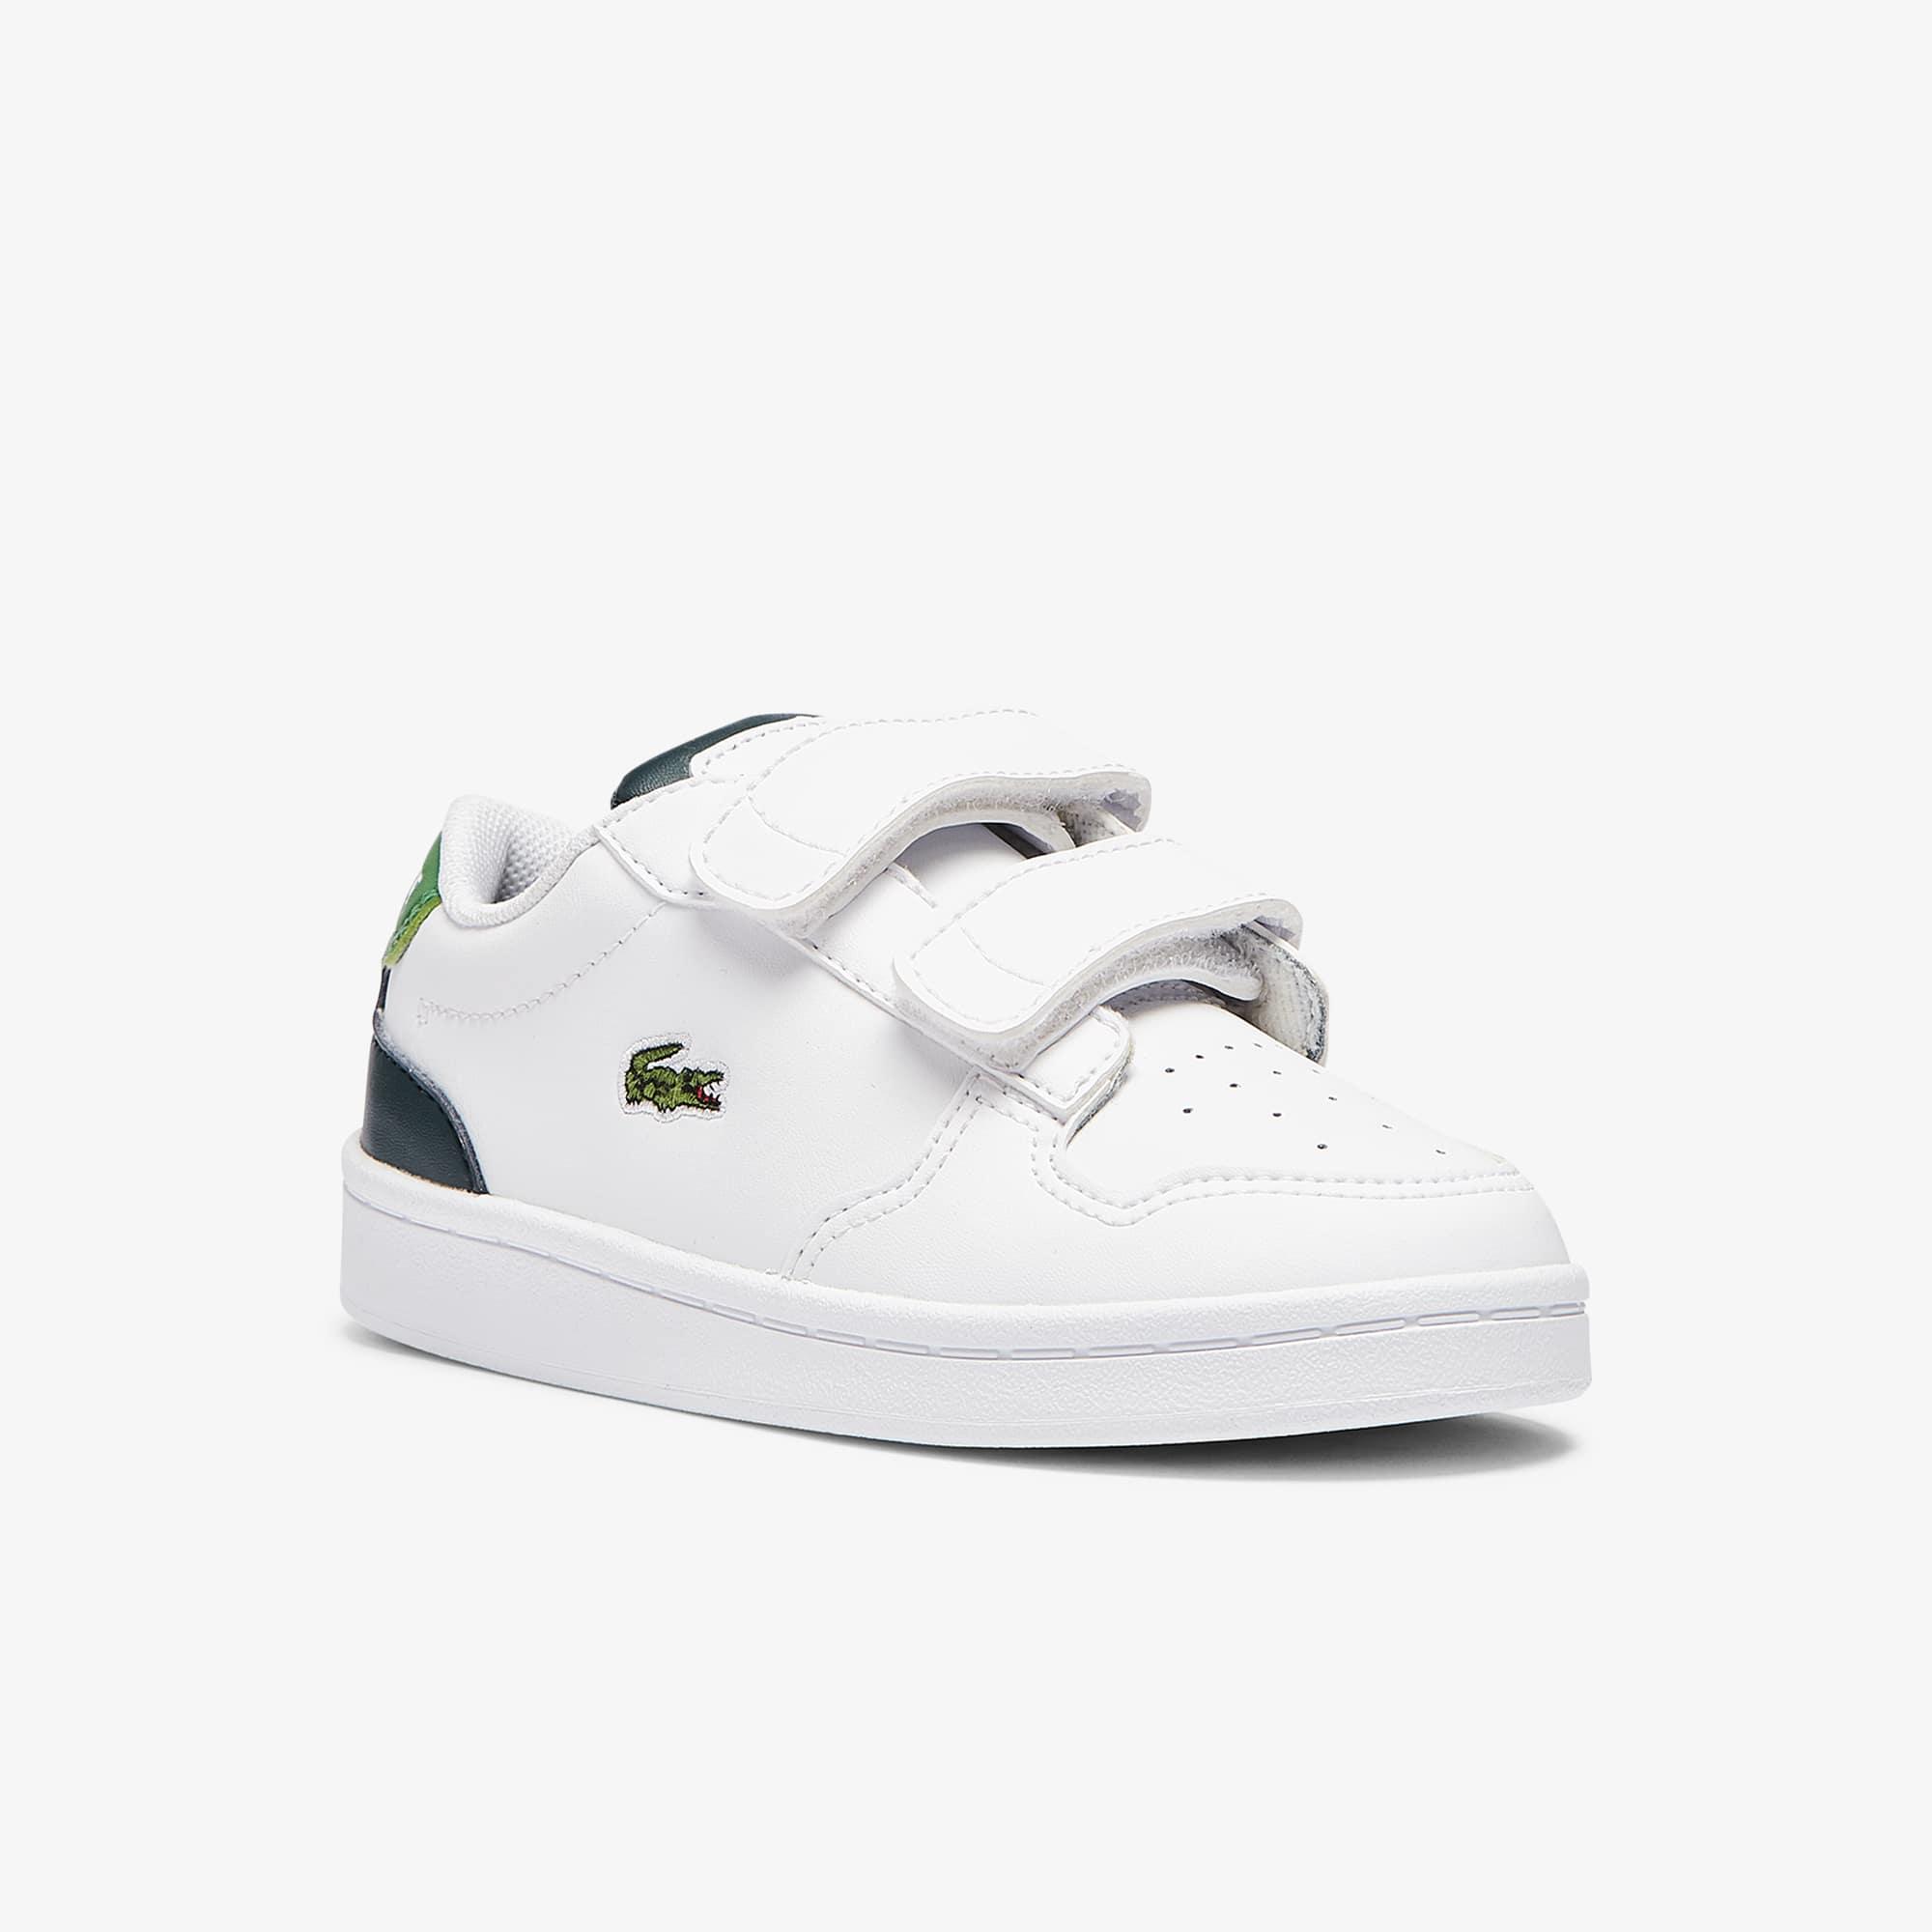 Lacoste Sneakers Masters Cup bébé en cuir et synthétique Taille 19 Blanc/vert Foncé